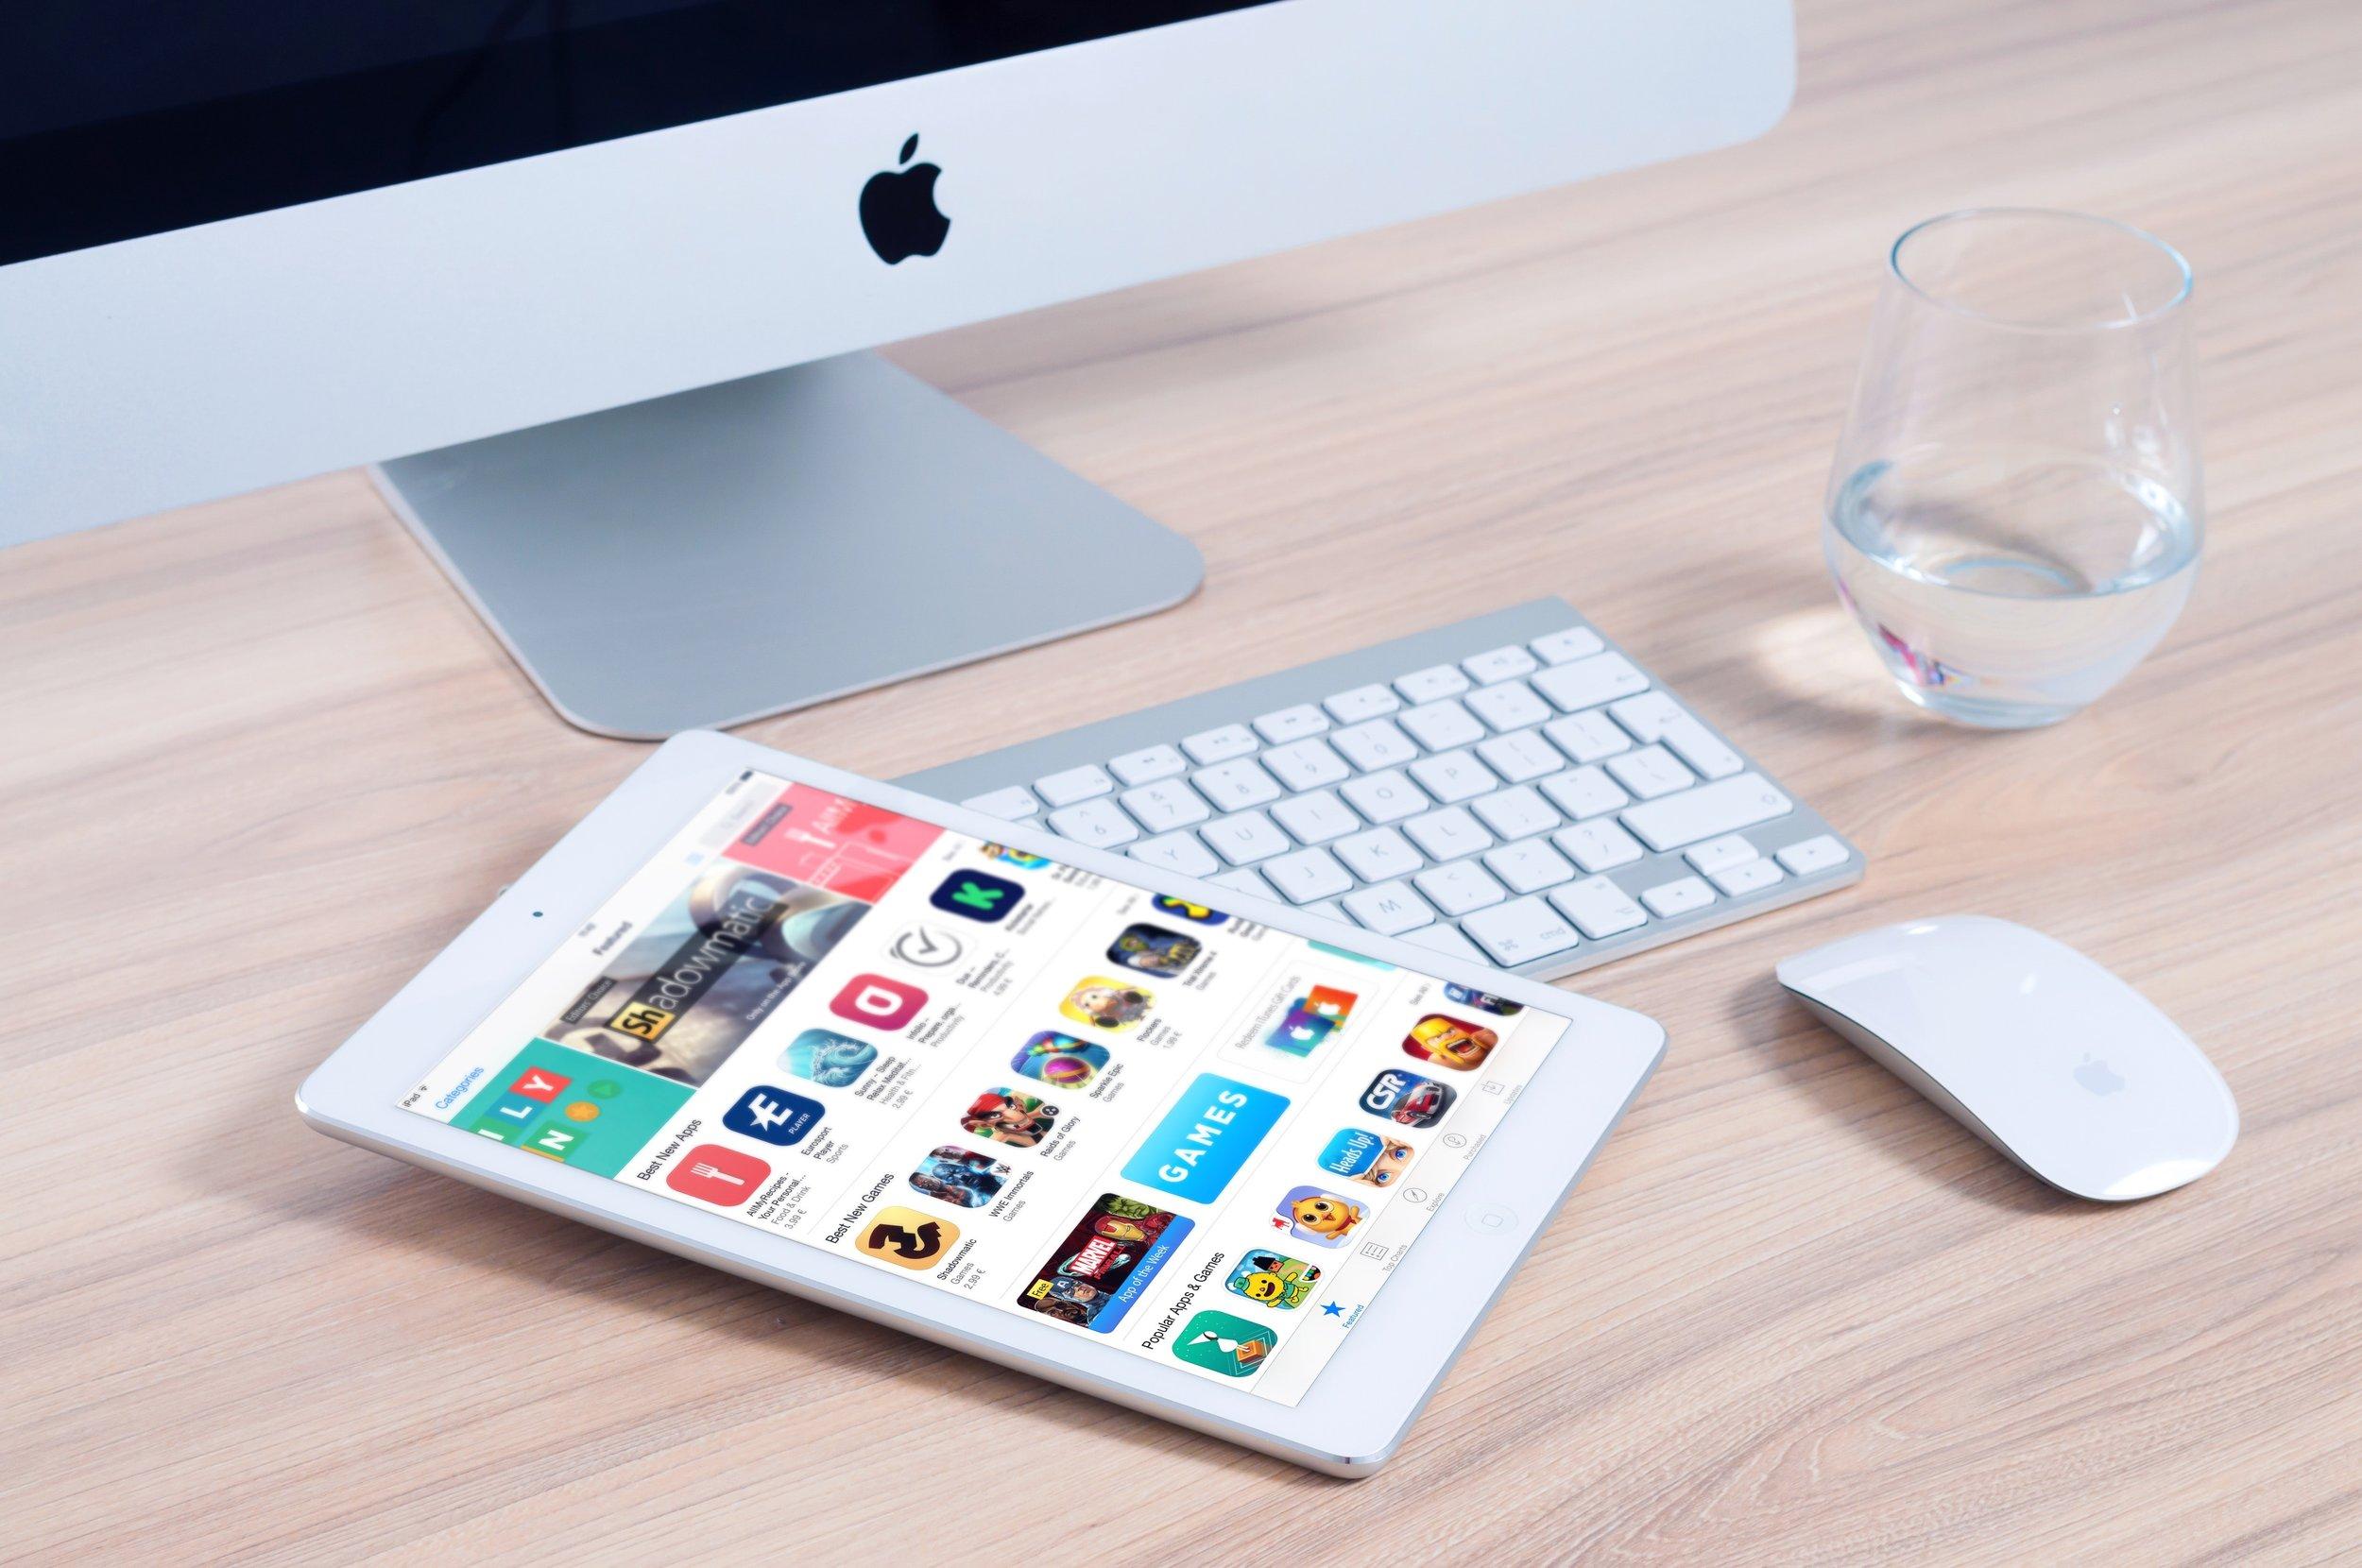 app-apple-application-38544.jpg